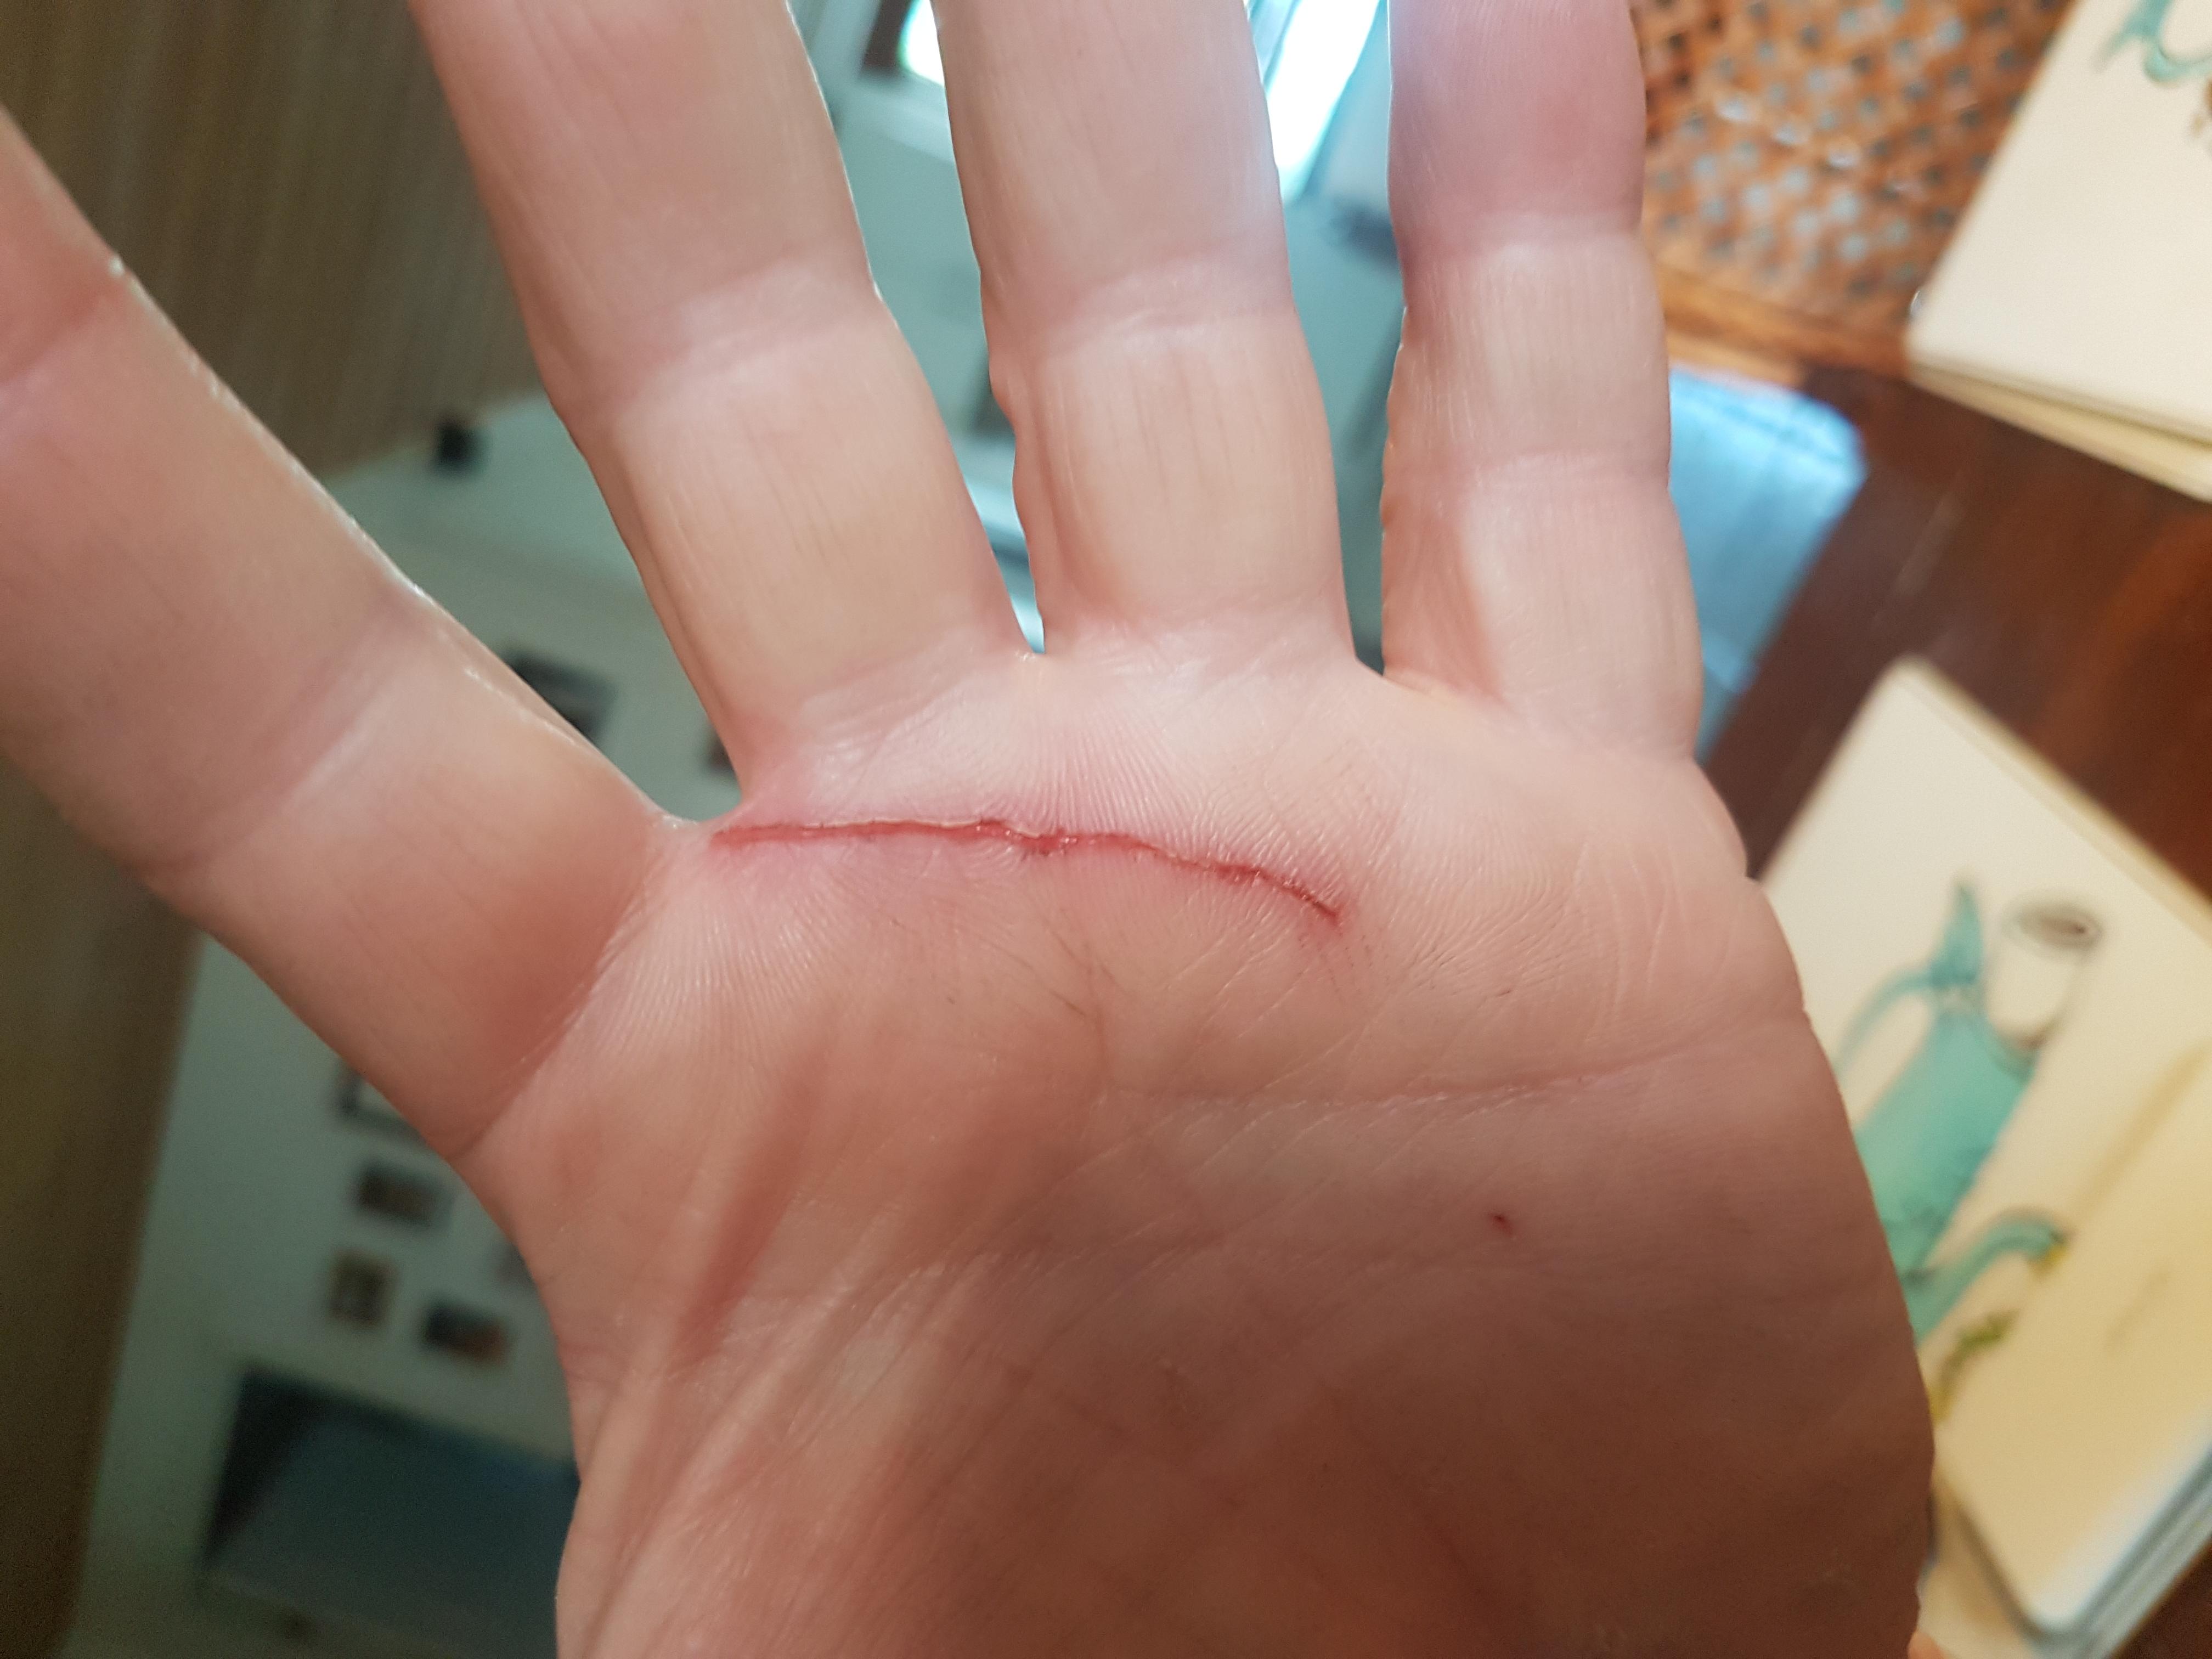 Zip tie wound